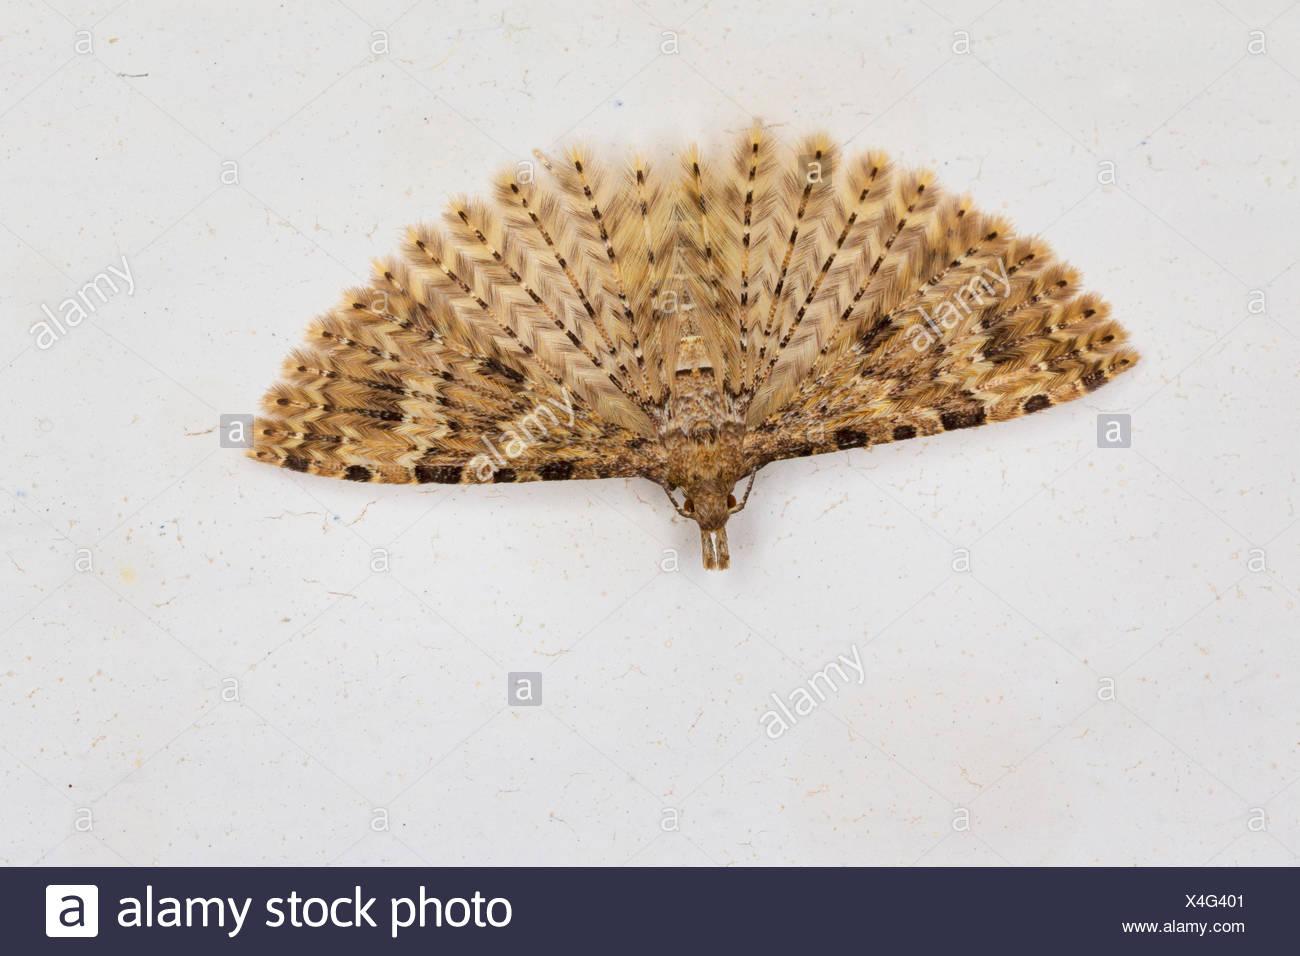 Vingt-plume Moth, vingt plume moth, vingt-papillon à plumes, beaucoup de plumes-moth (Alucita hexadactyla, Alucita hexadactyla polydactyla, Phalaena), l'hibernation dans la chambre, Allemagne Photo Stock